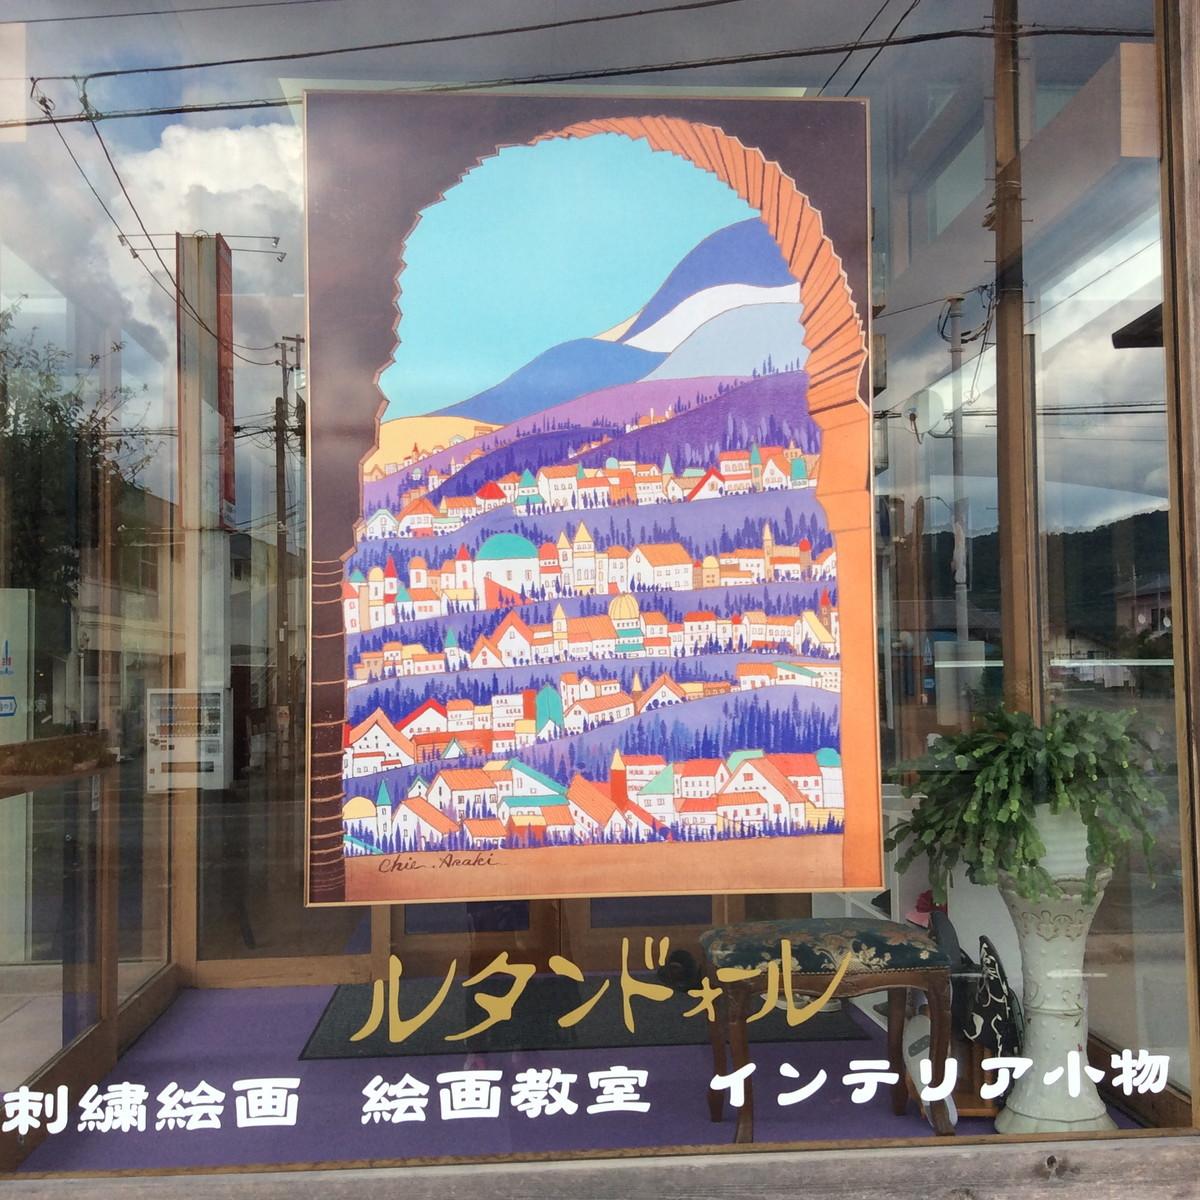 ☆ギャラリー「ルタンドォール」新規開店のお知らせ_e0184243_18185913.jpg